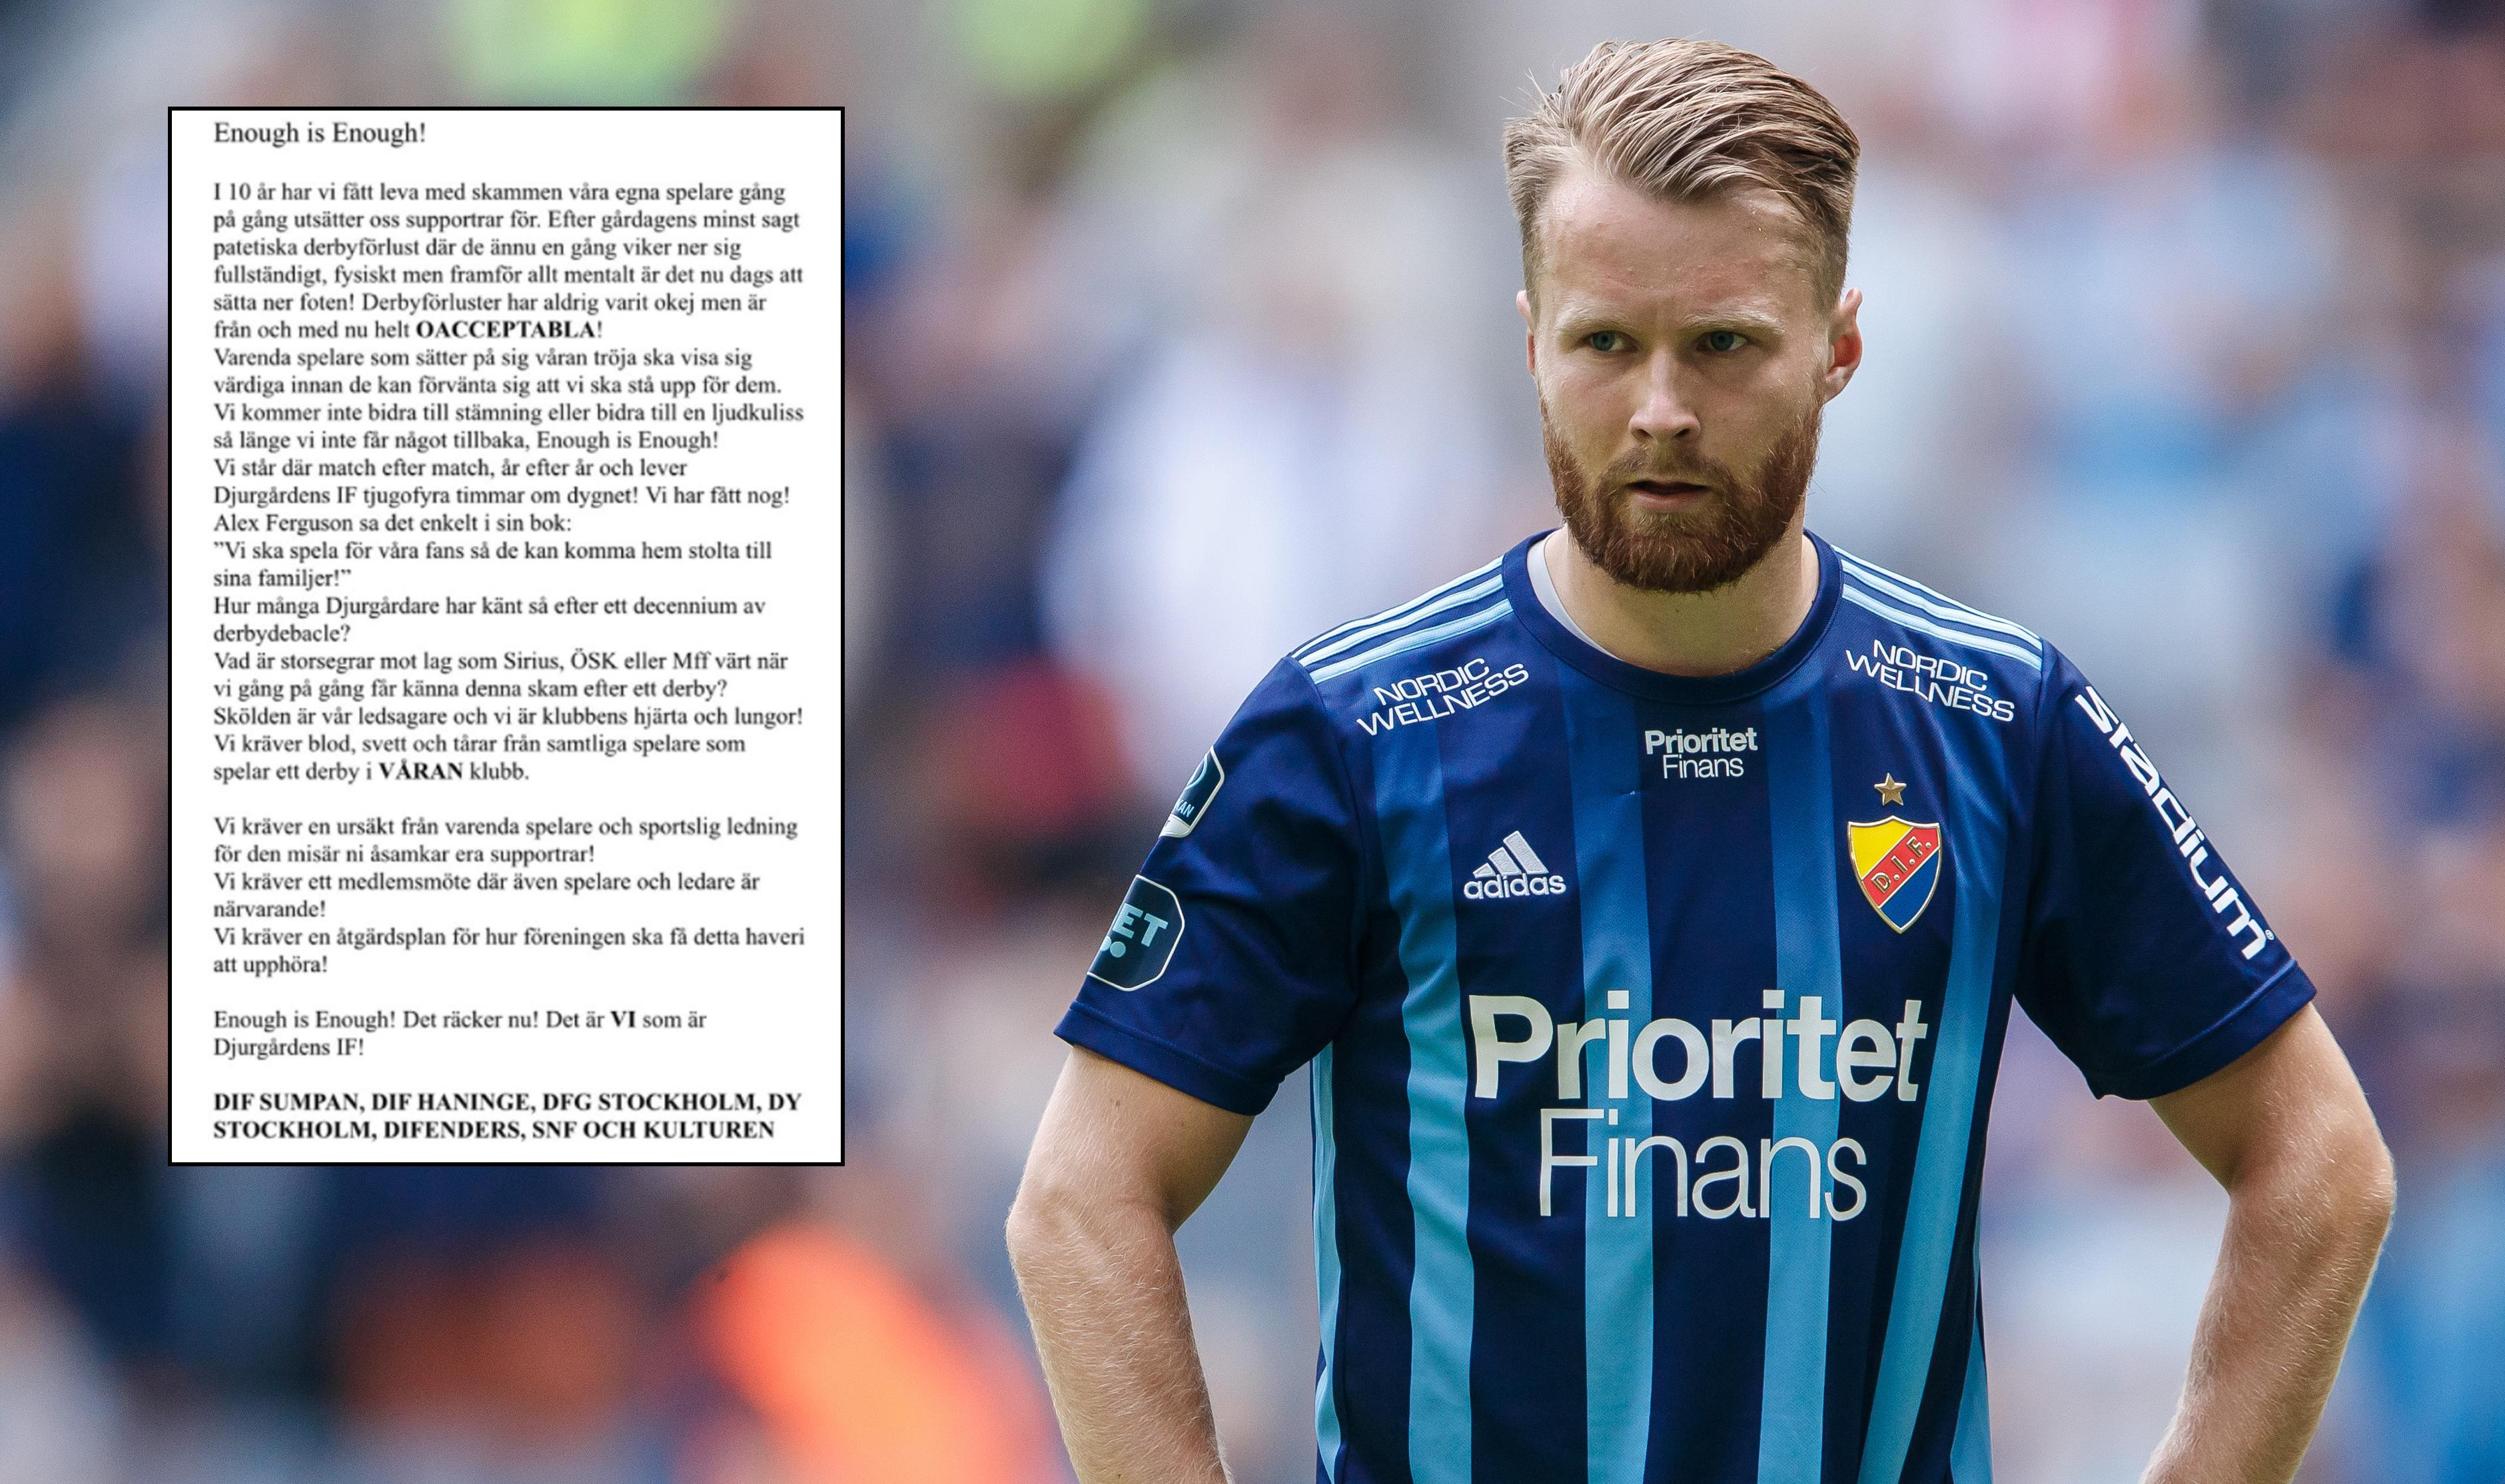 """Une Larsson om derbypressen: """"Vi måste kunna brösta kritik"""""""